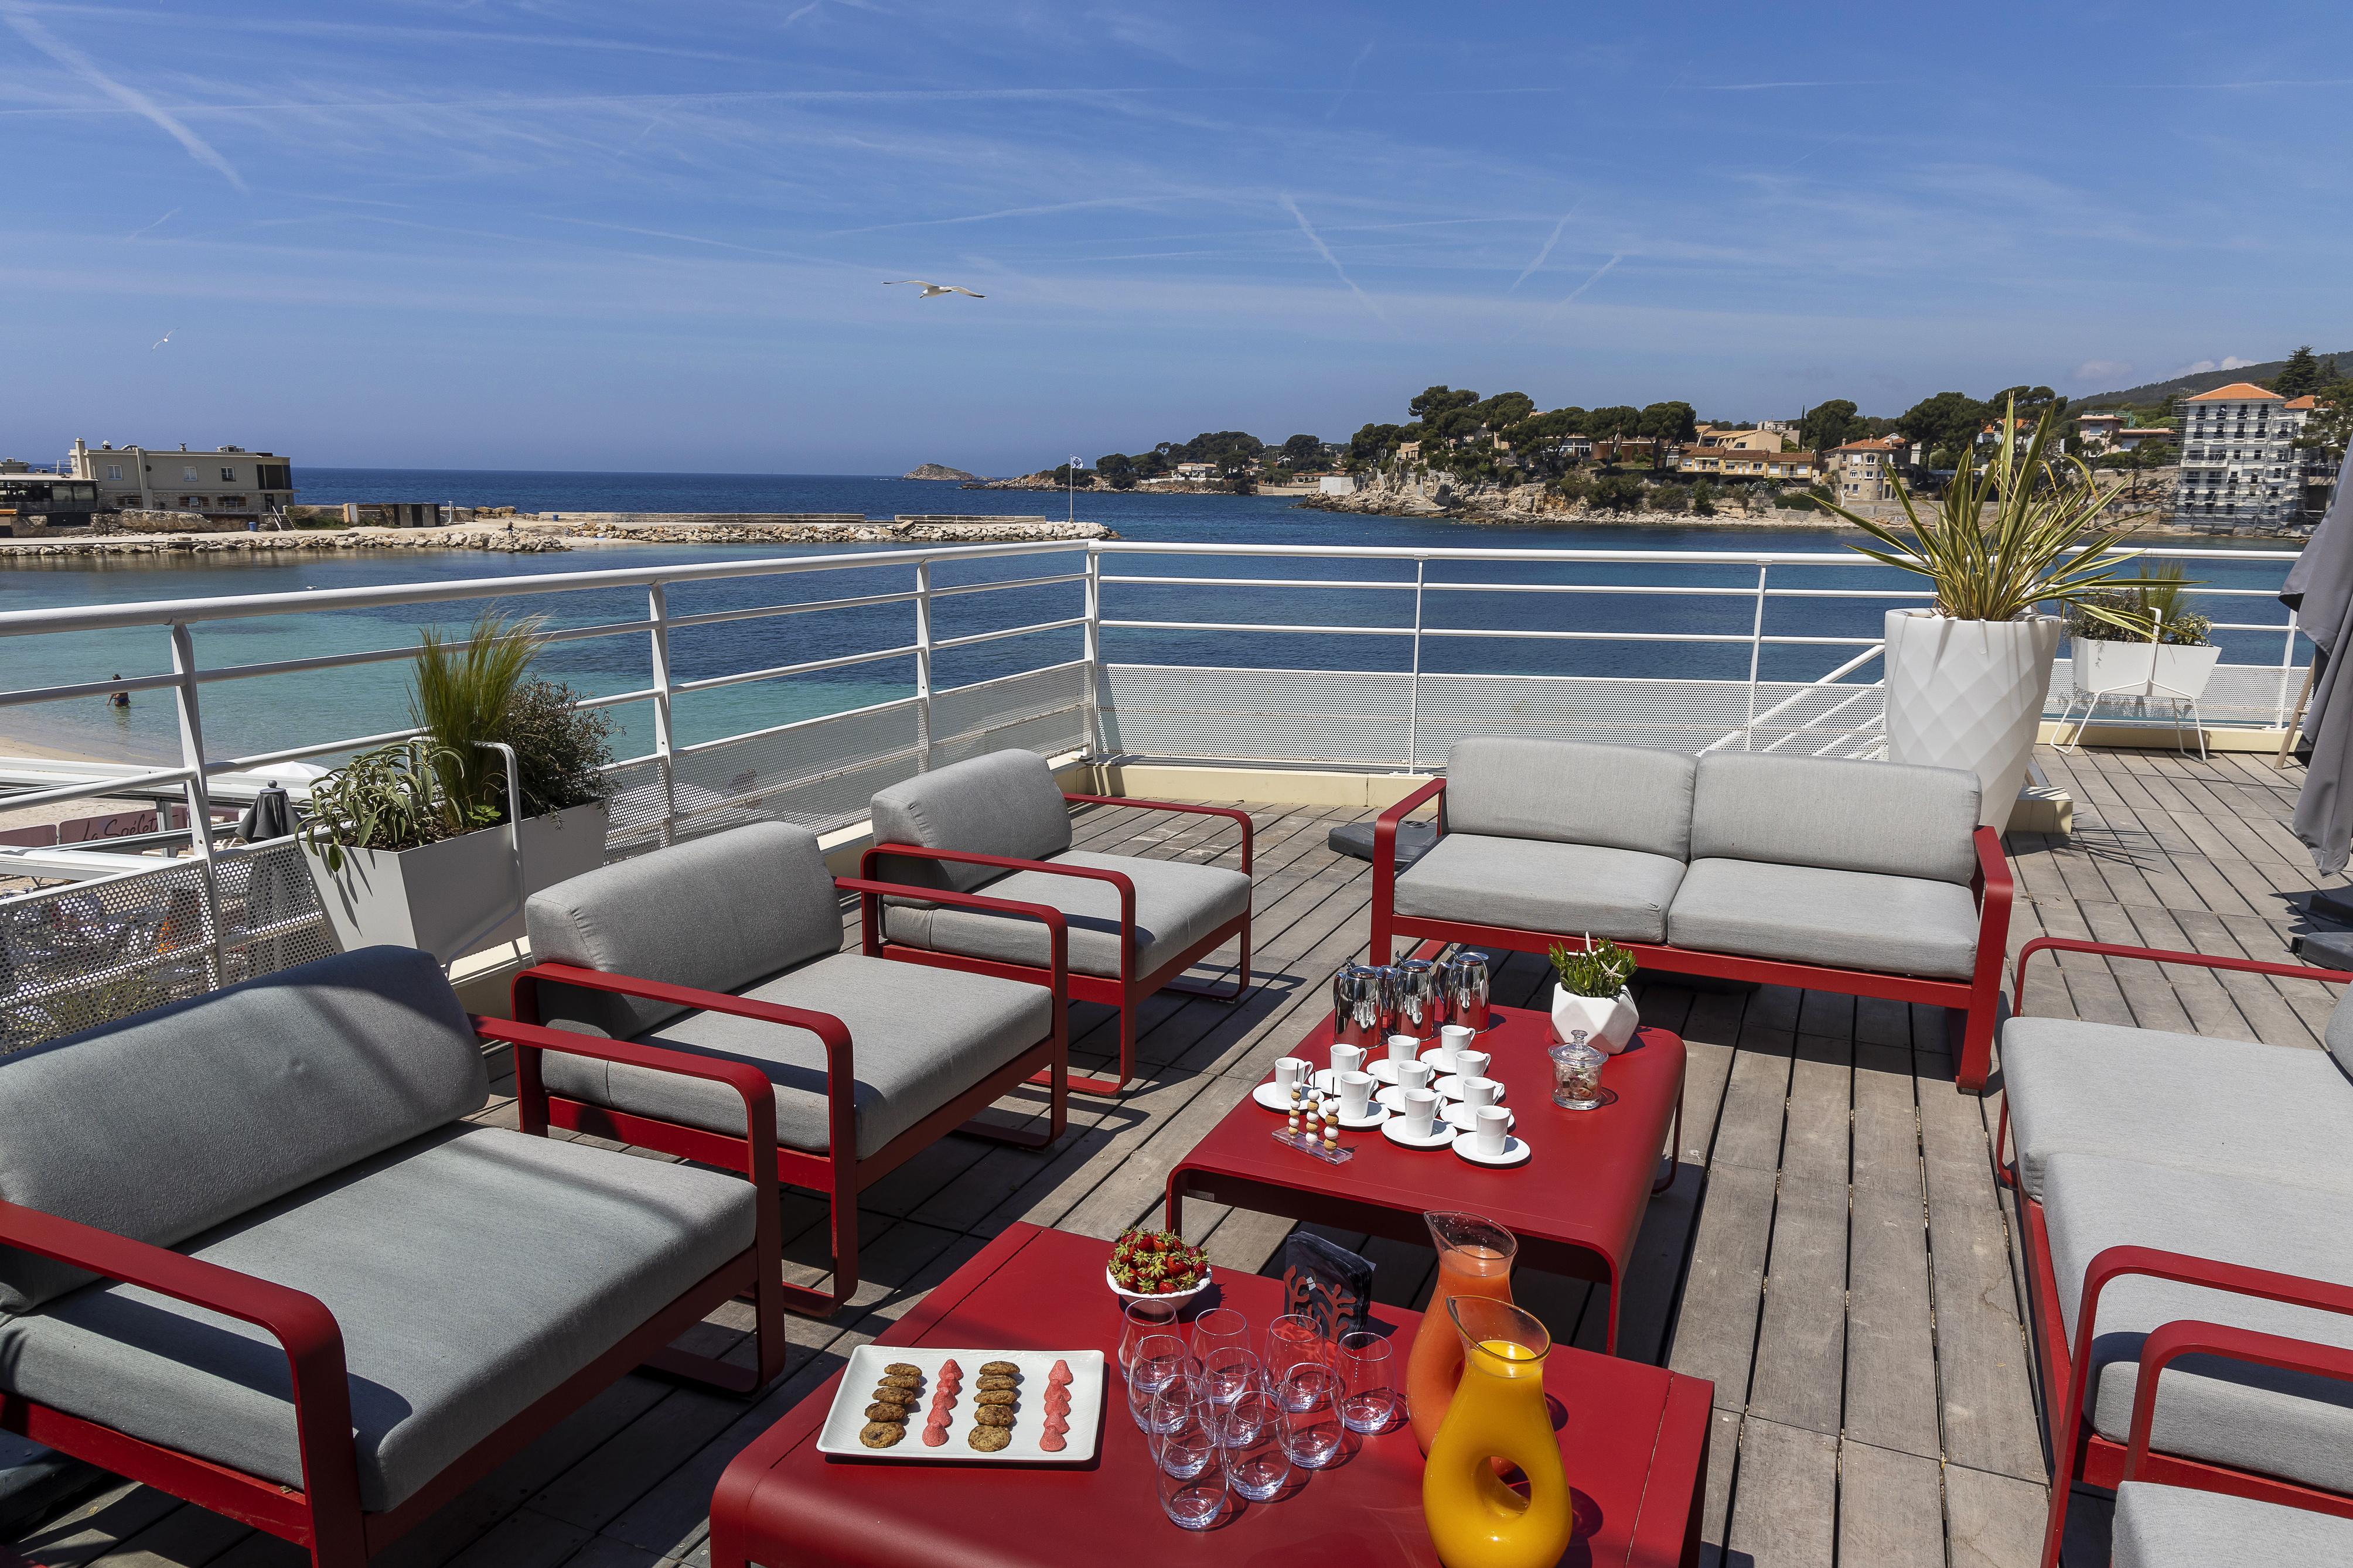 vignette En prépayant dès maintenant, profitez d'un tarif préférentiel si vous séjournez dans les 3 prochains jours à l'Hôtel Ile Rousse !